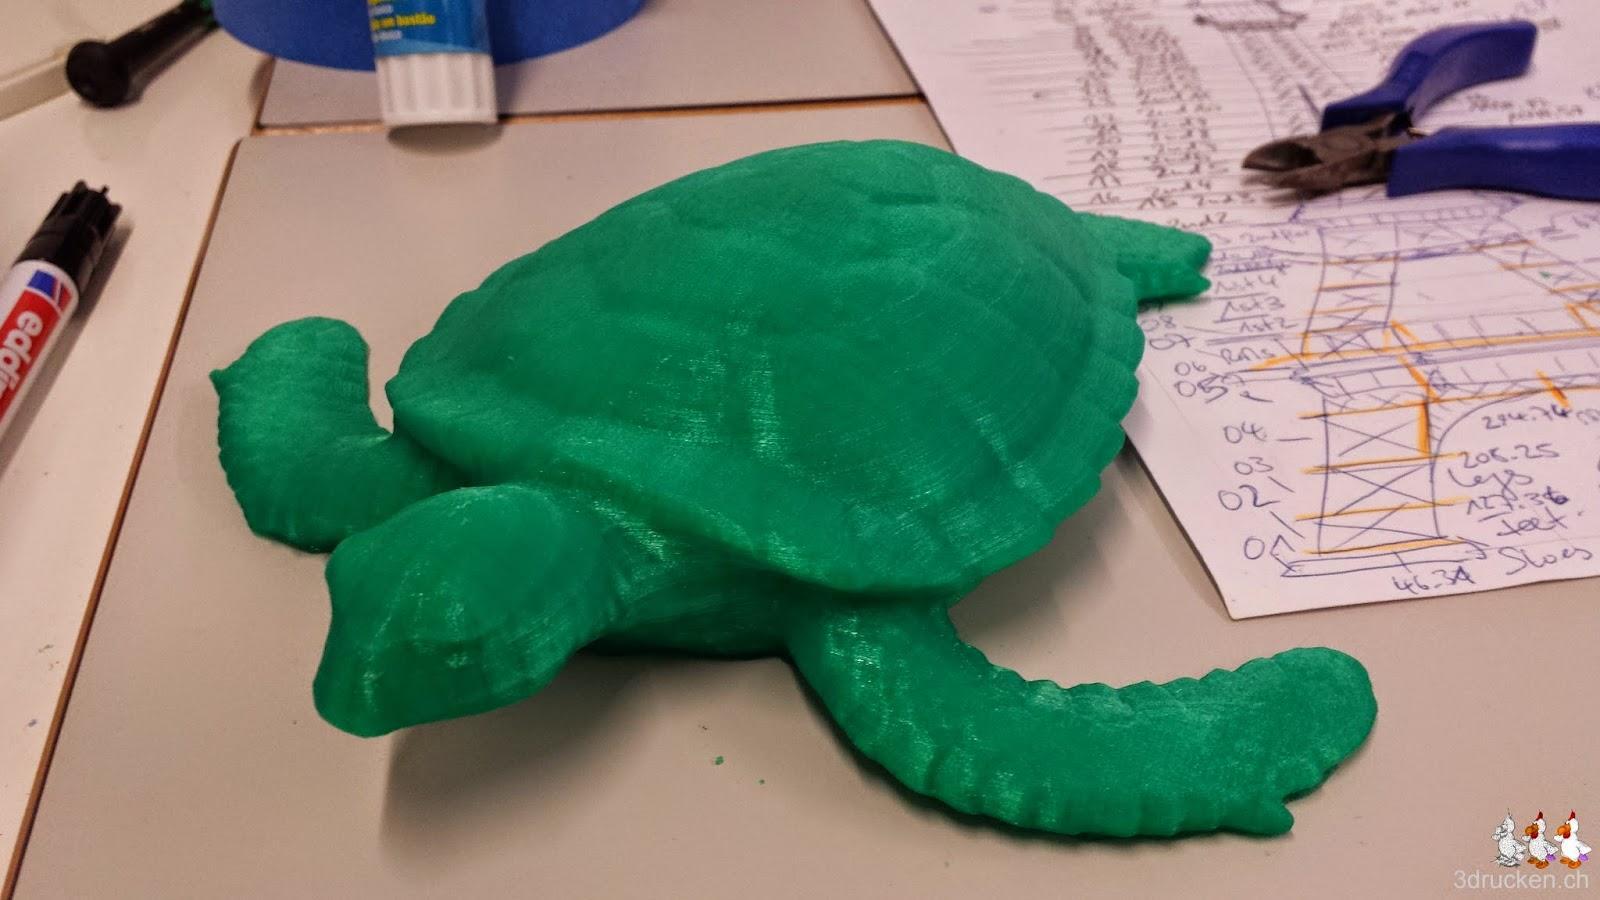 Foto von der Schildkröte die wir ohne Verletzung vom Drucktisch lösen konnten